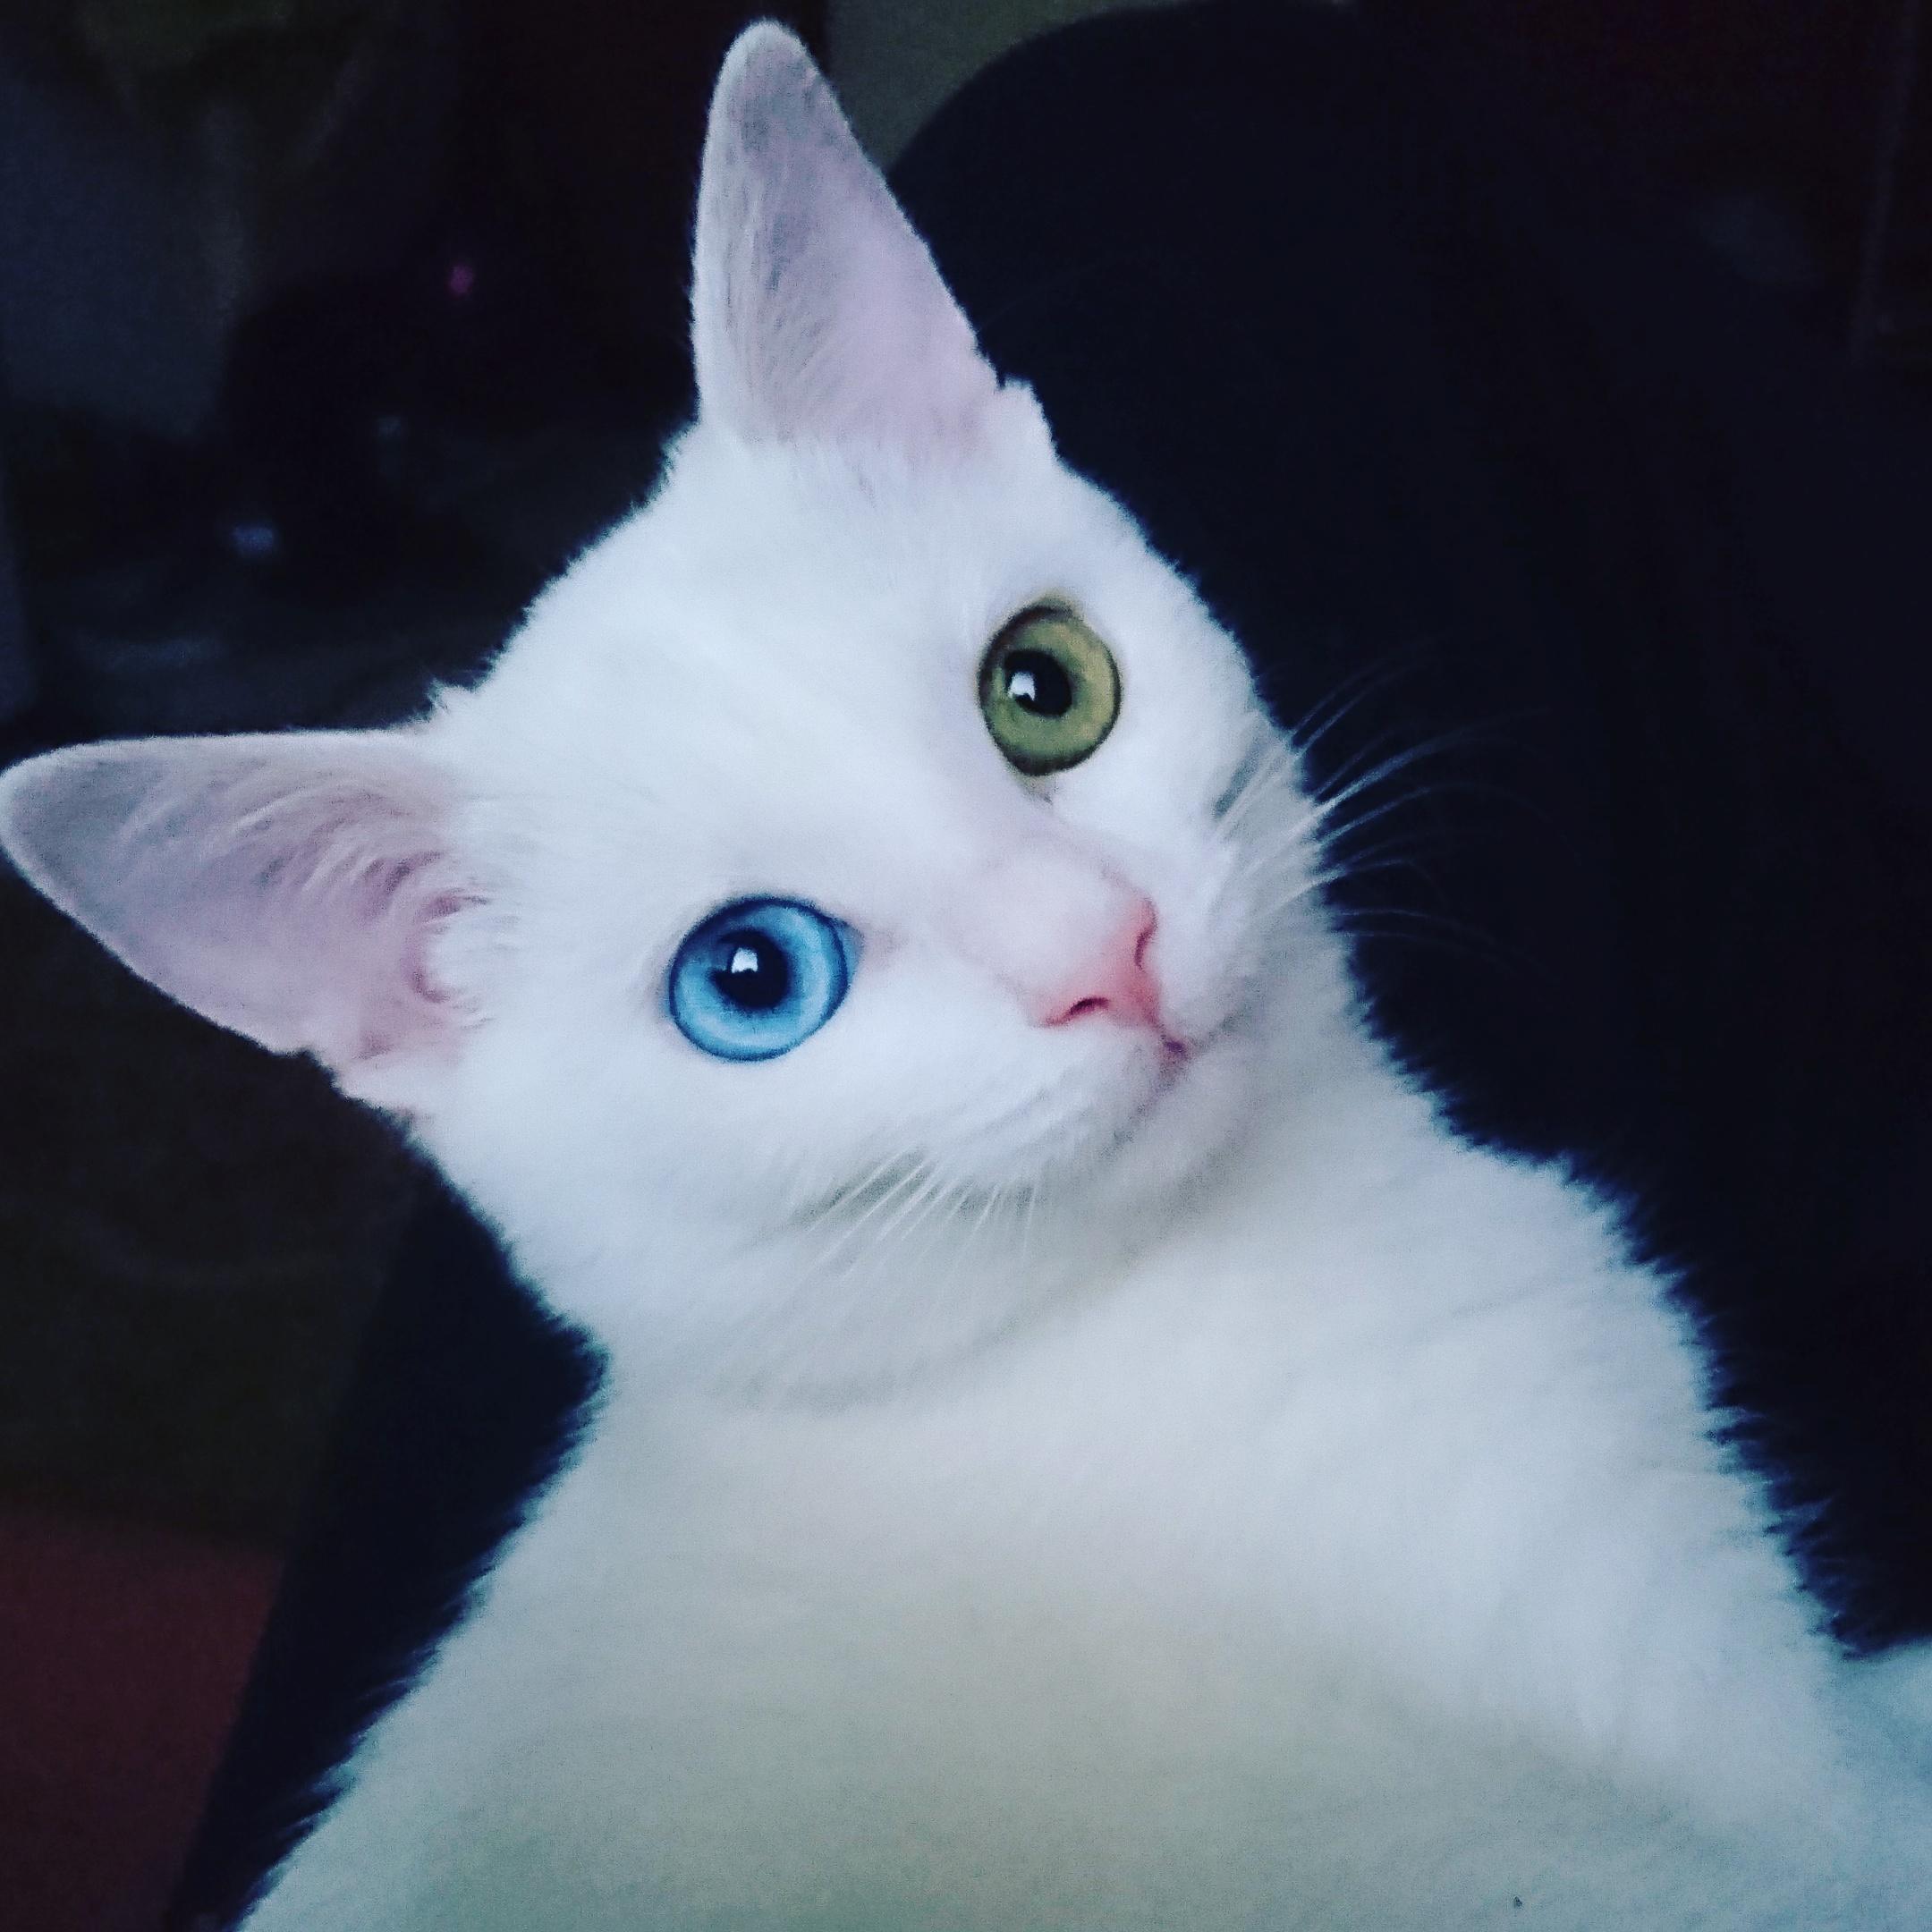 Timmy má heterochrómiu - dvojfarebné oči